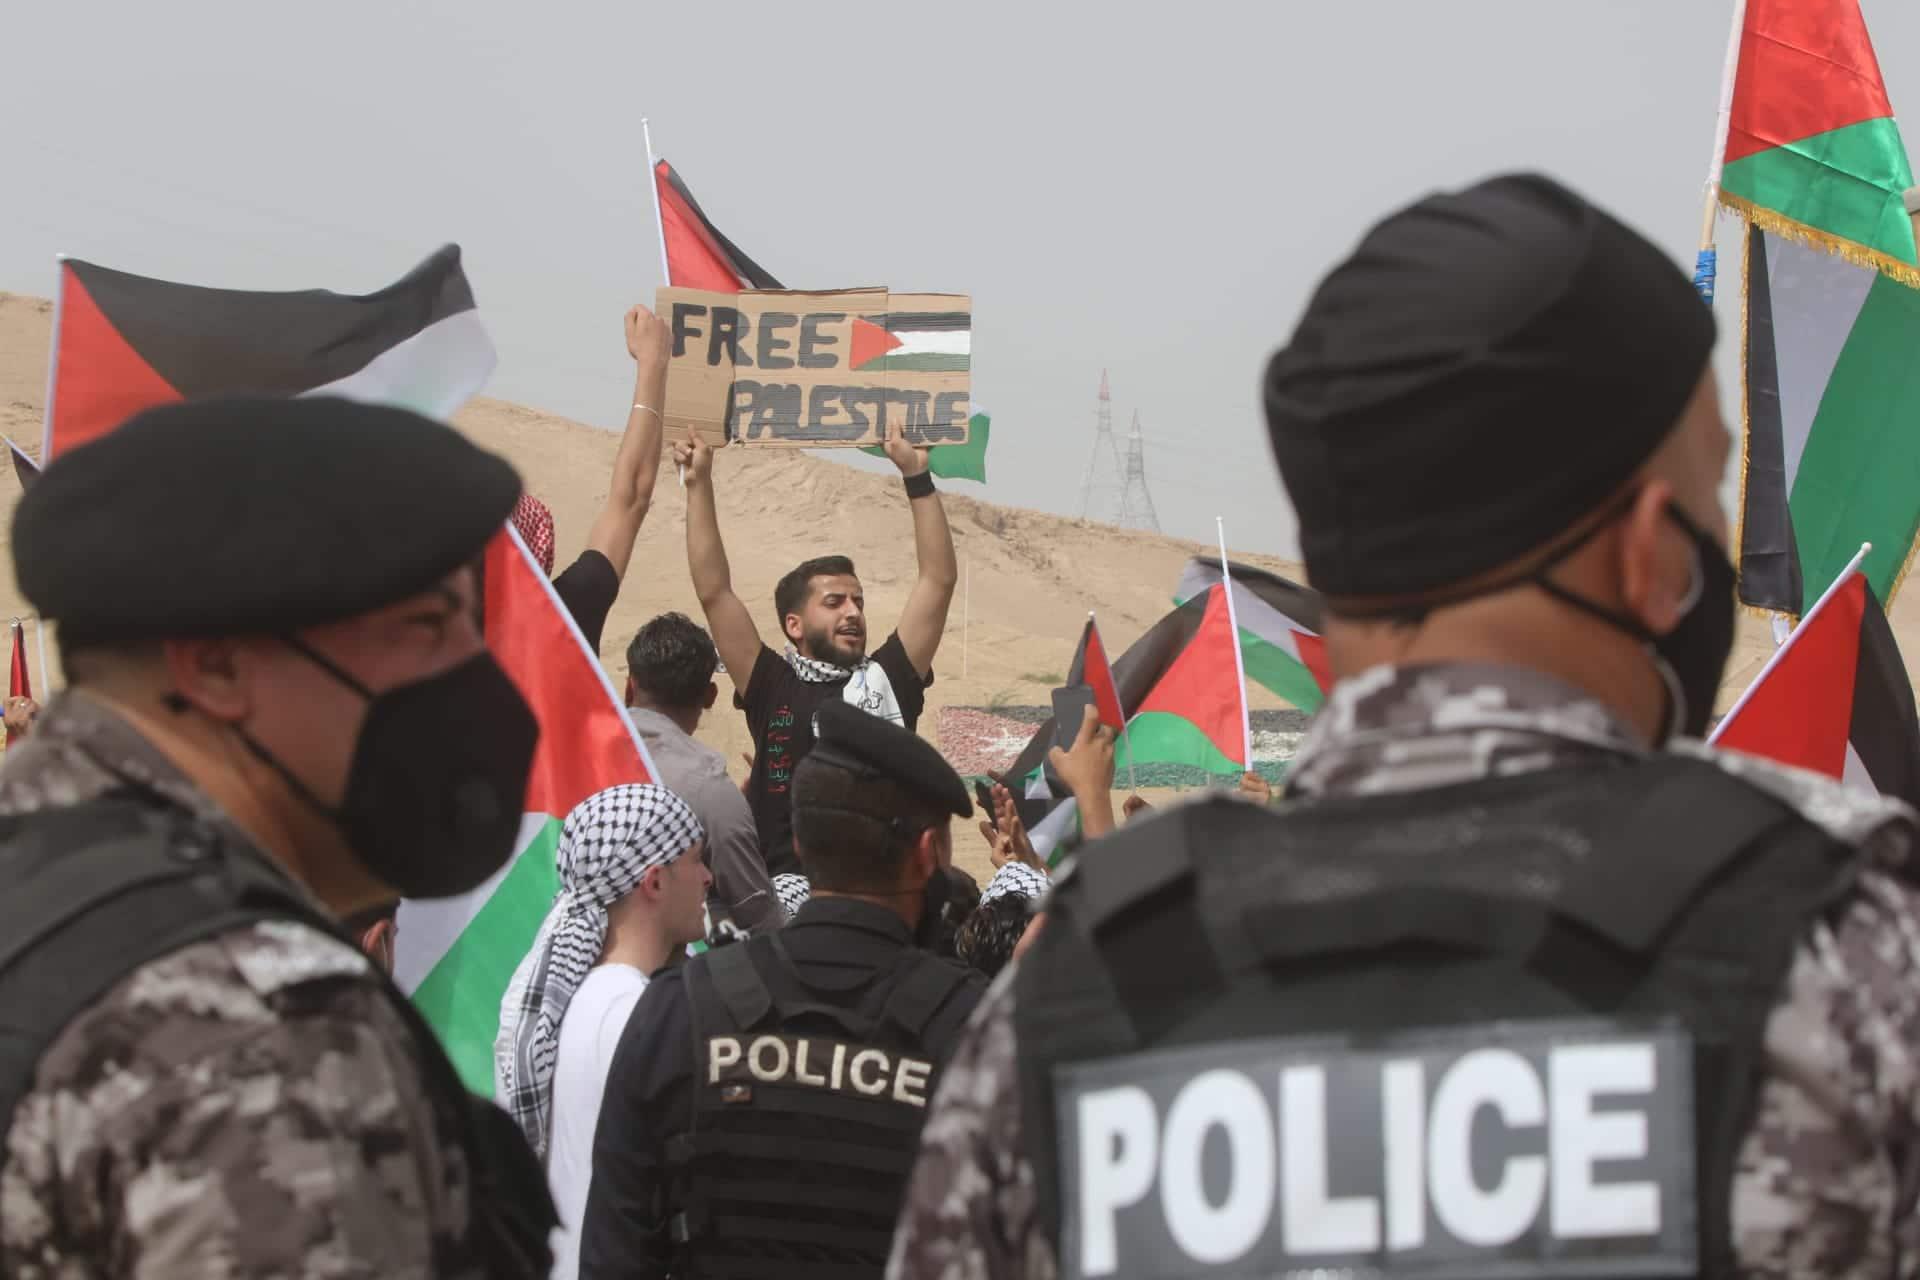 إسرائيل ترى في العلاقة مع الأردن مصلحة